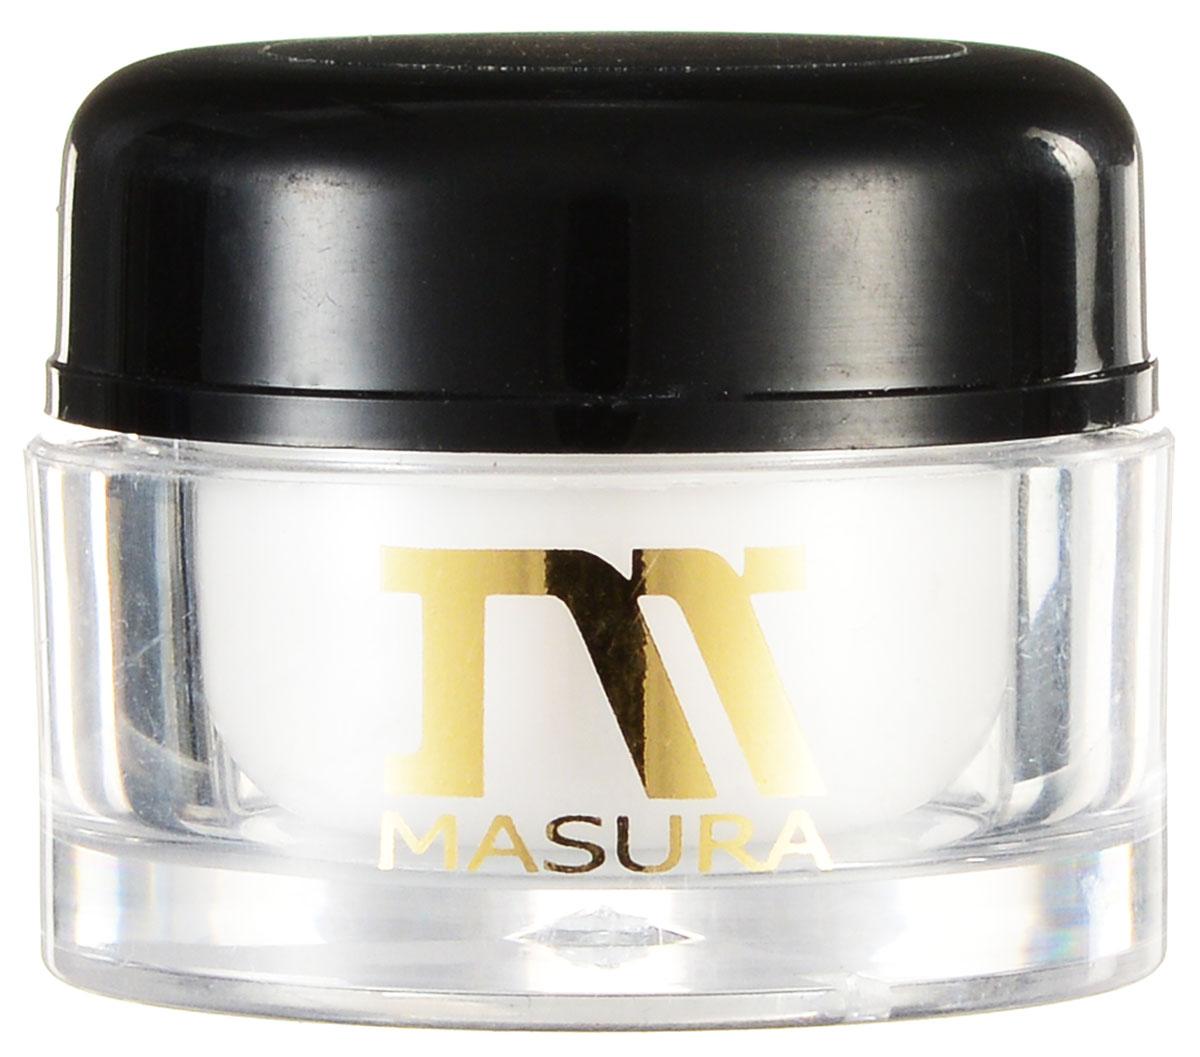 Masura Минеральная паста NI, для натуральных ногтей, 5 г802-2Минеральная паста Masura NI является одним из основных препаратов в процедуре японского маникюра. Насыщена полезными для ногтей микроэлементами: морскими пептидами, кератином, жемчужной крошкой. Минеральная паста как мастика заполняет все микротрещинки и желобки ногтя, запечатывая ногтевую пластину. Укрепляет ногти и придает ногтевой пластине устойчивый блеск. Входит в состав набора для японского маникюра Masura. Товар сертифицирован.